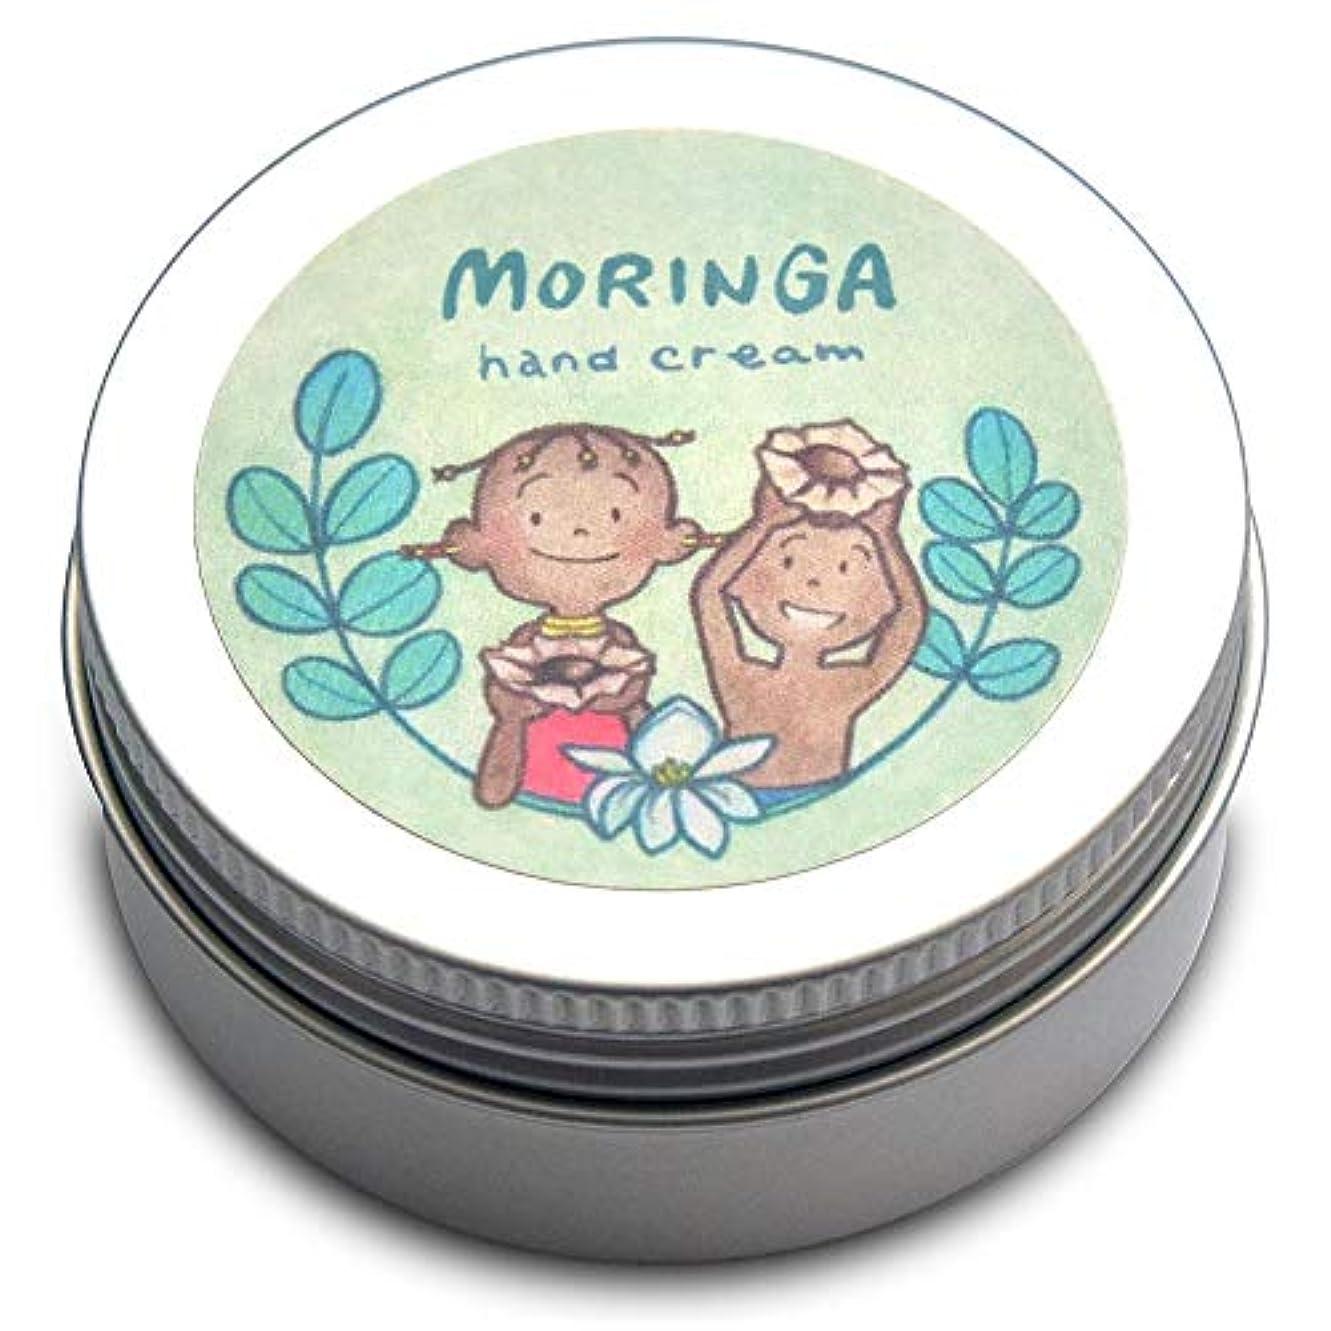 通訳後継圧倒するMORINGA モリンガハンドクリーム 30g